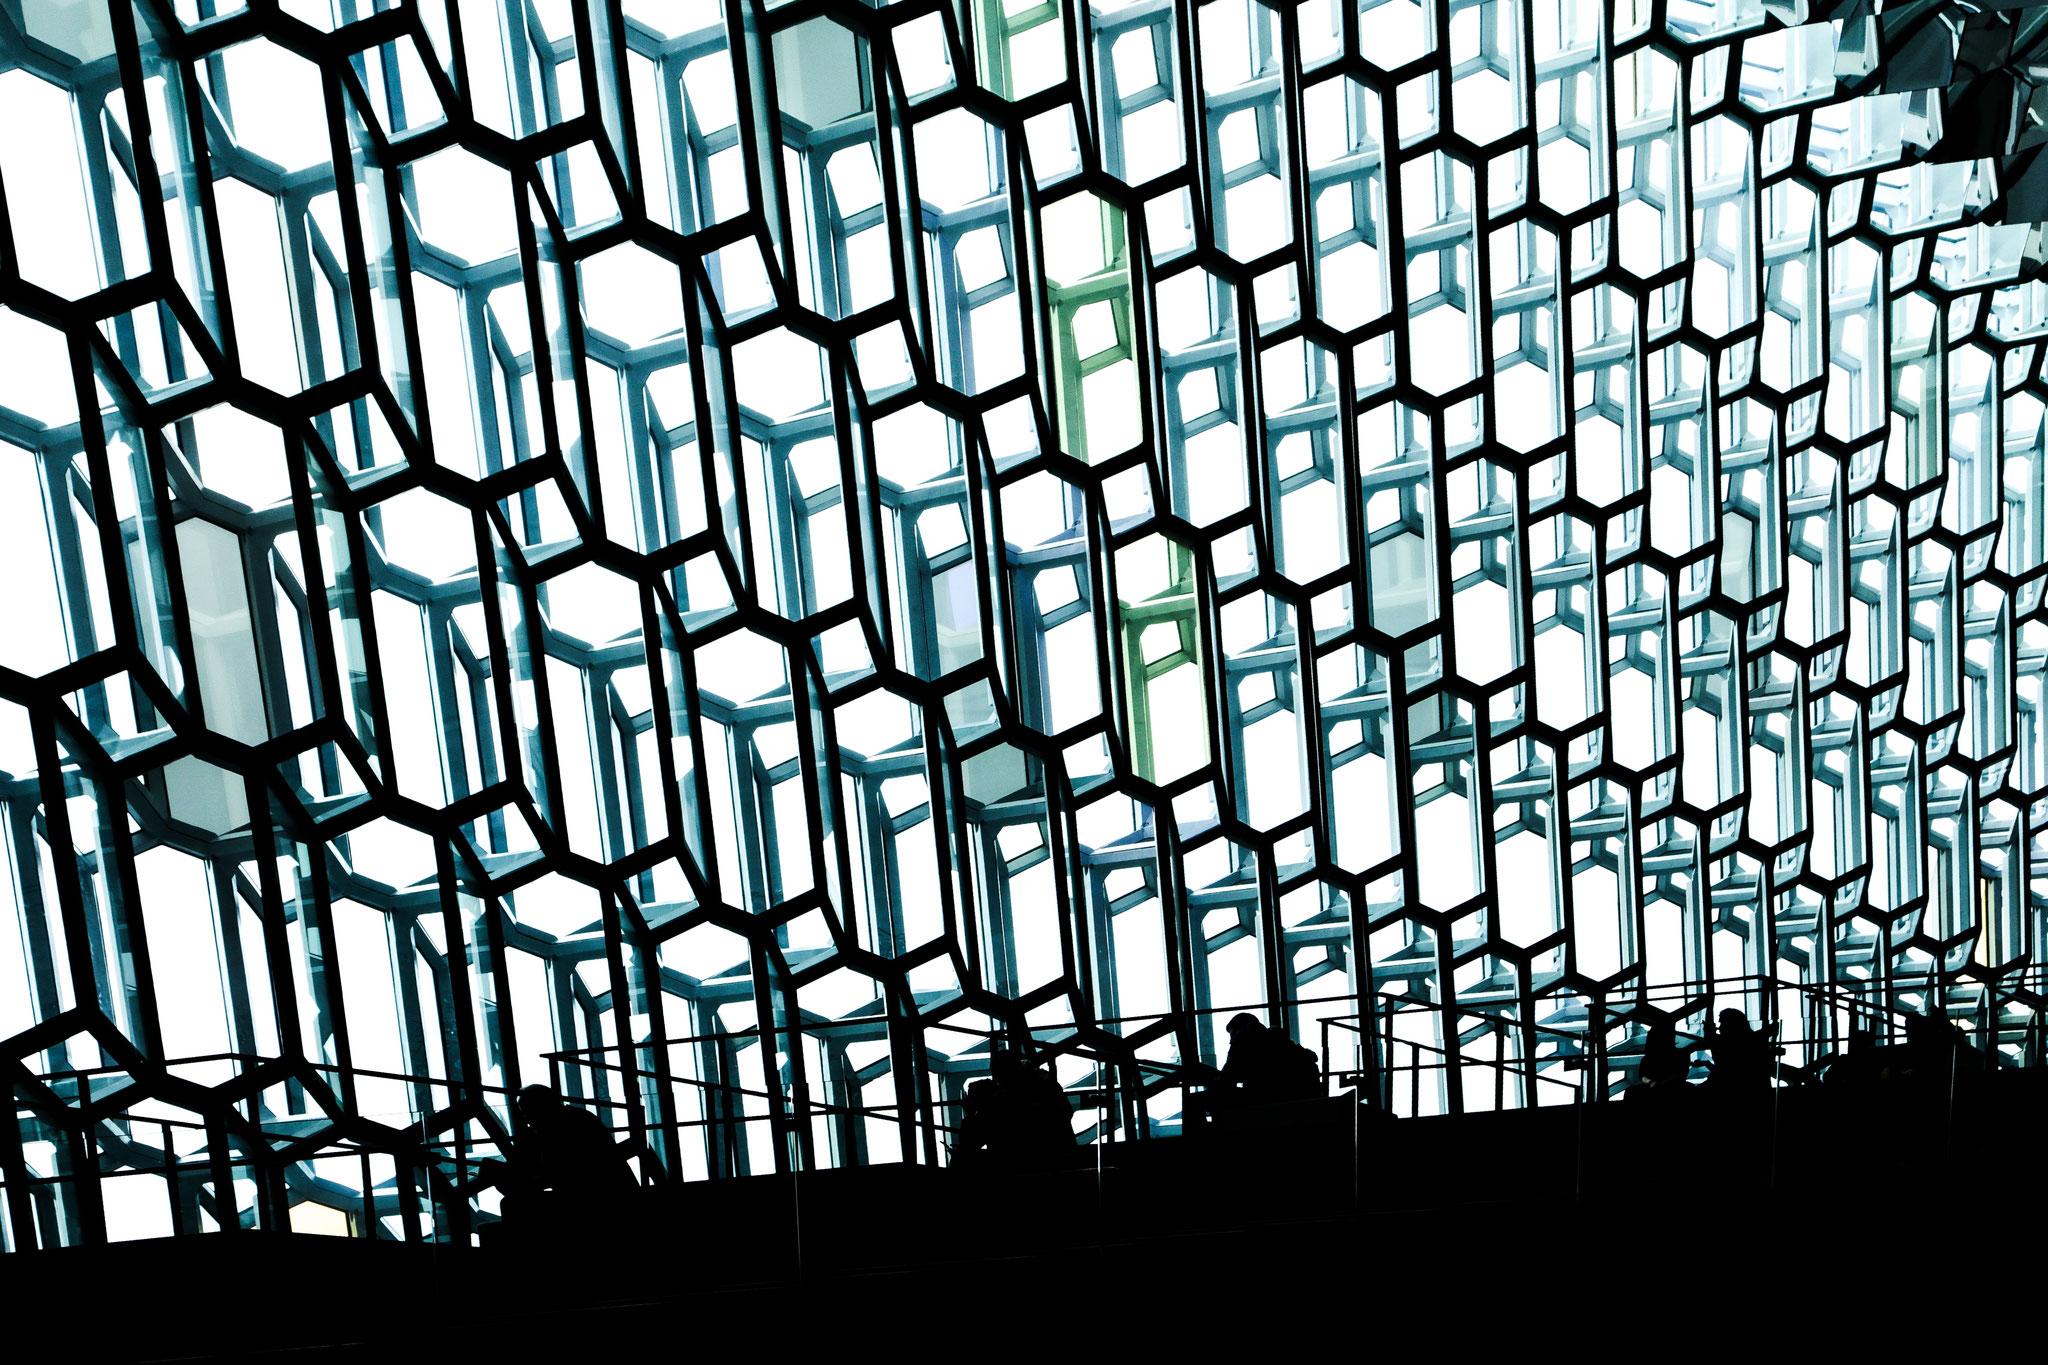 Faszinierende Glasfronten, die je nach Lichteinfall die Sonne wunderbar reflektieren.